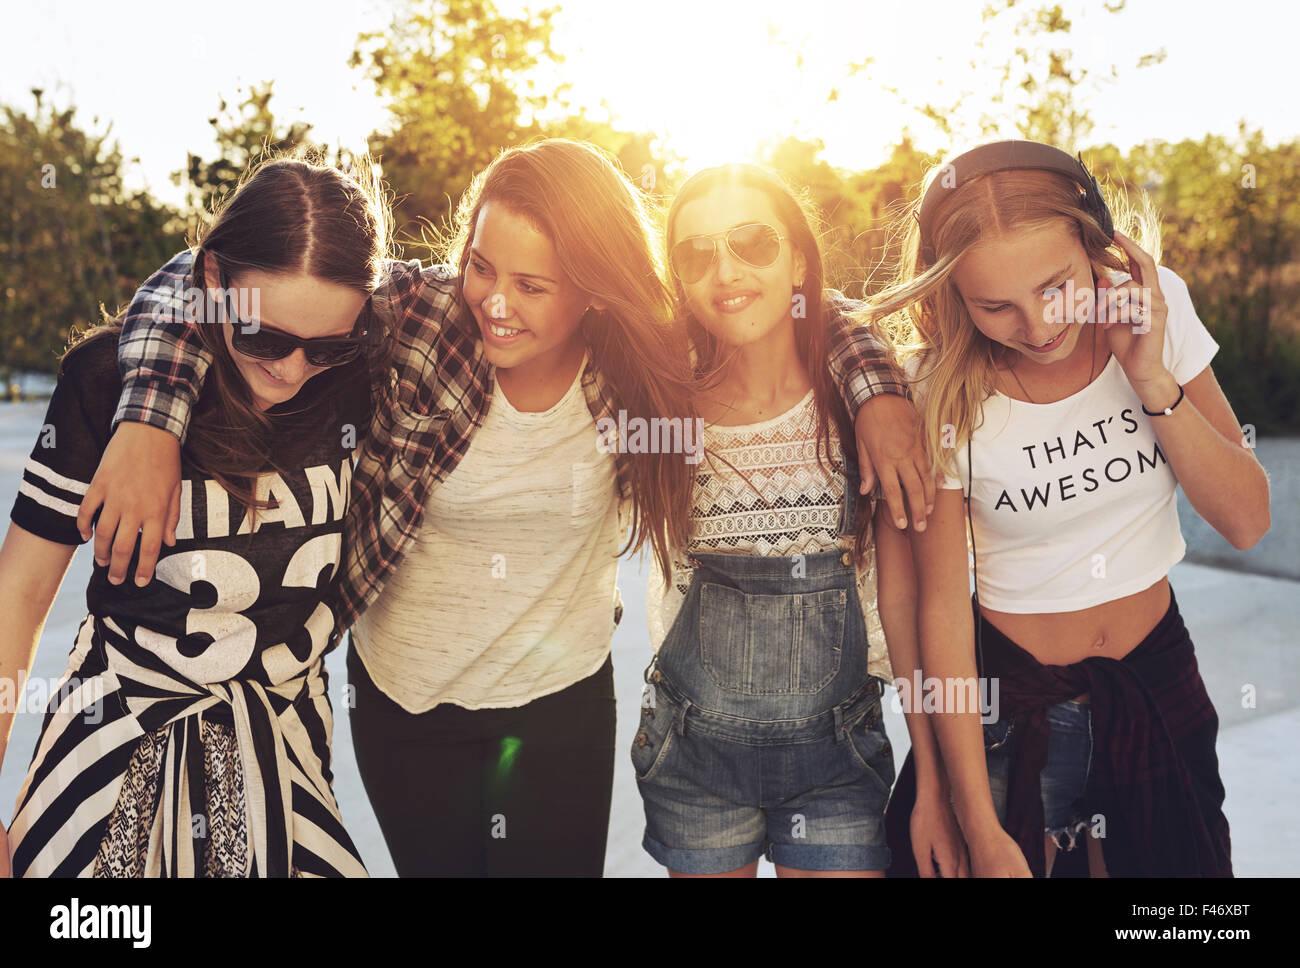 Gruppo og ragazze adolescenti camminando per le strade e ridere Immagini Stock